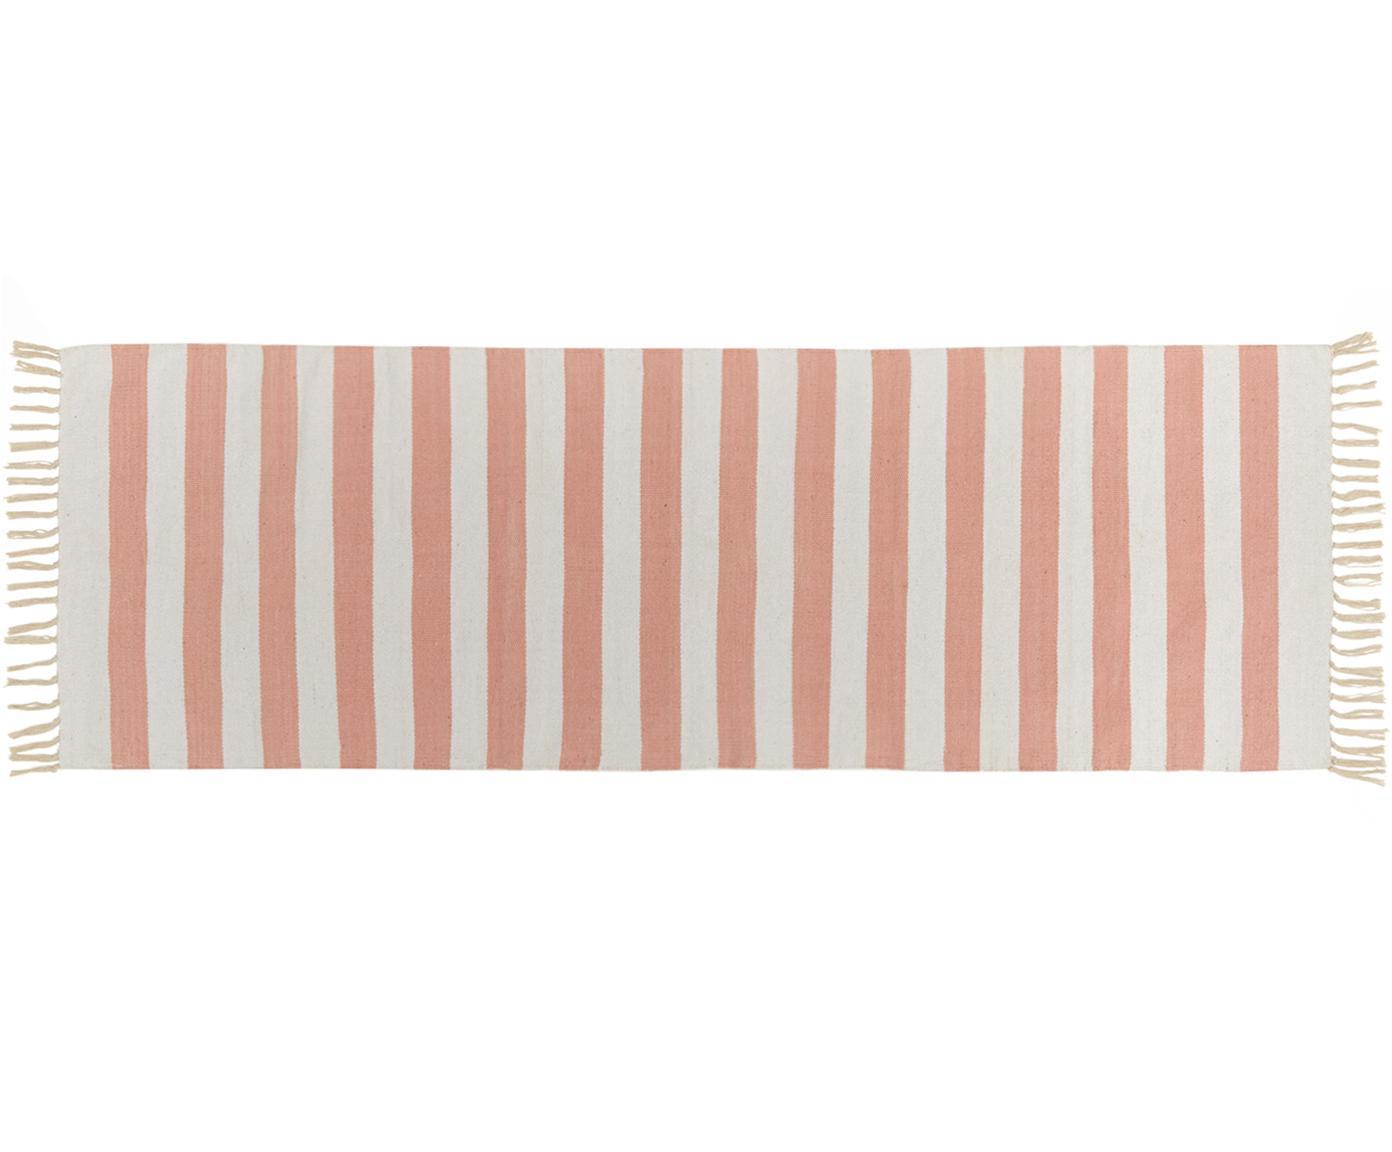 Gestreifter Baumwollläufer Malte in Koralle/Weiß, Korallrot, Weiß, 70 x 200 cm